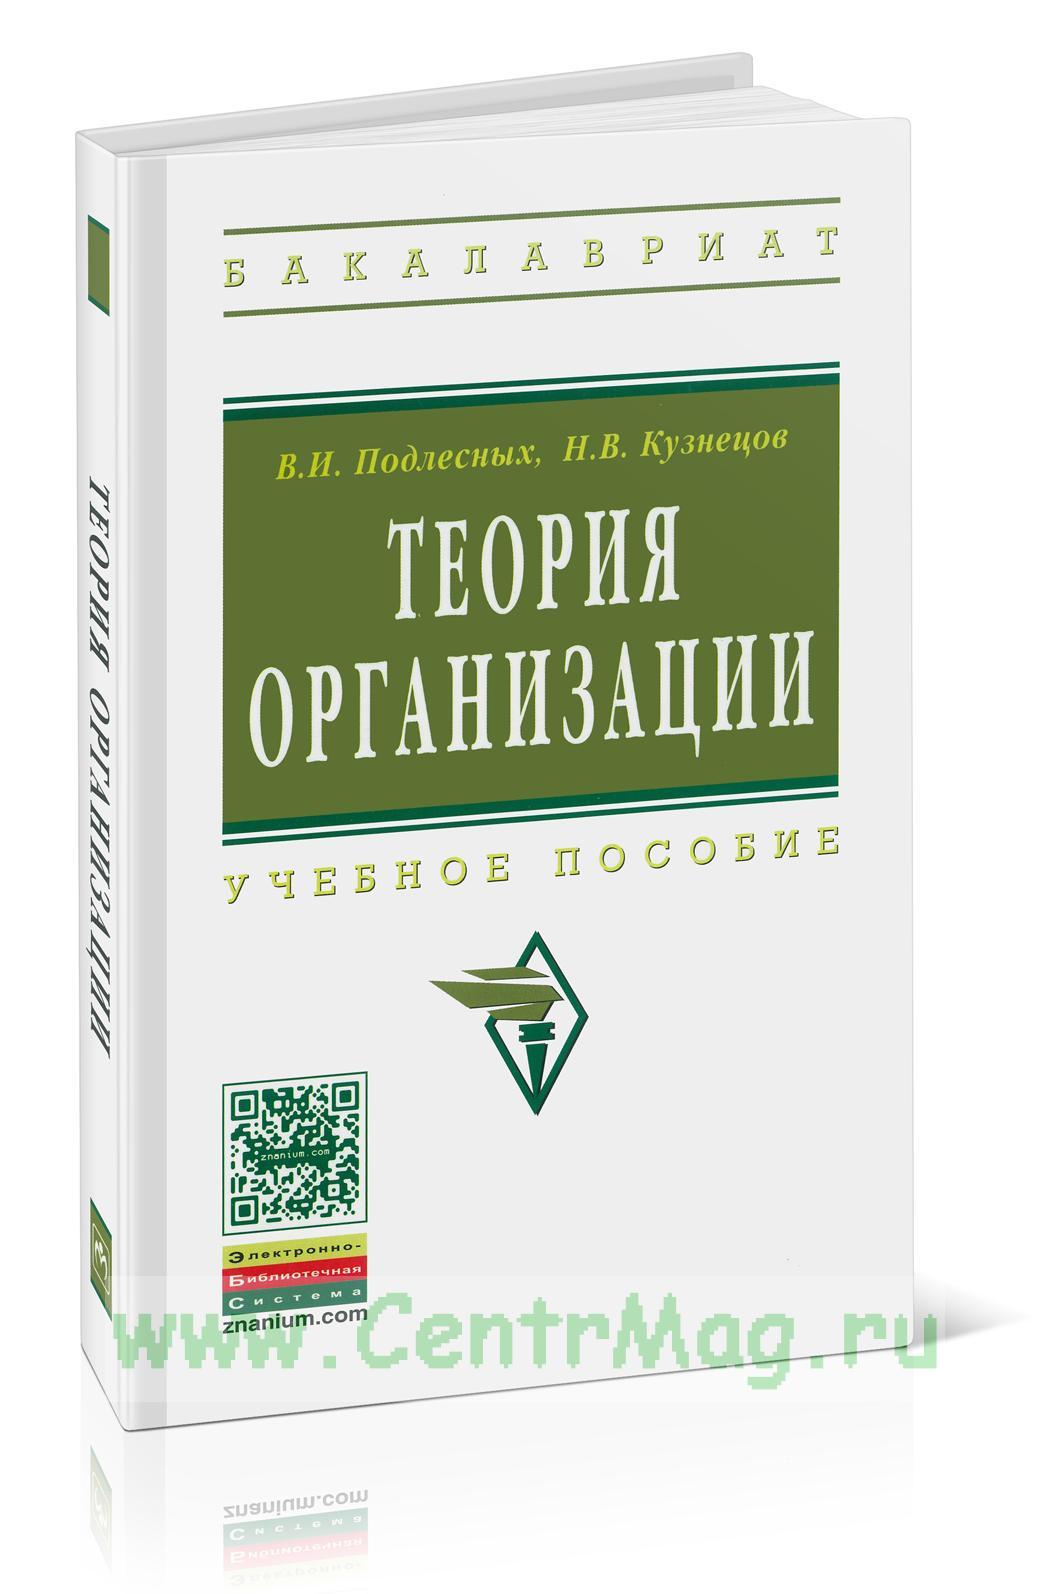 Теория организации: учебное пособие (4-е издание, исправленное и дополненное)